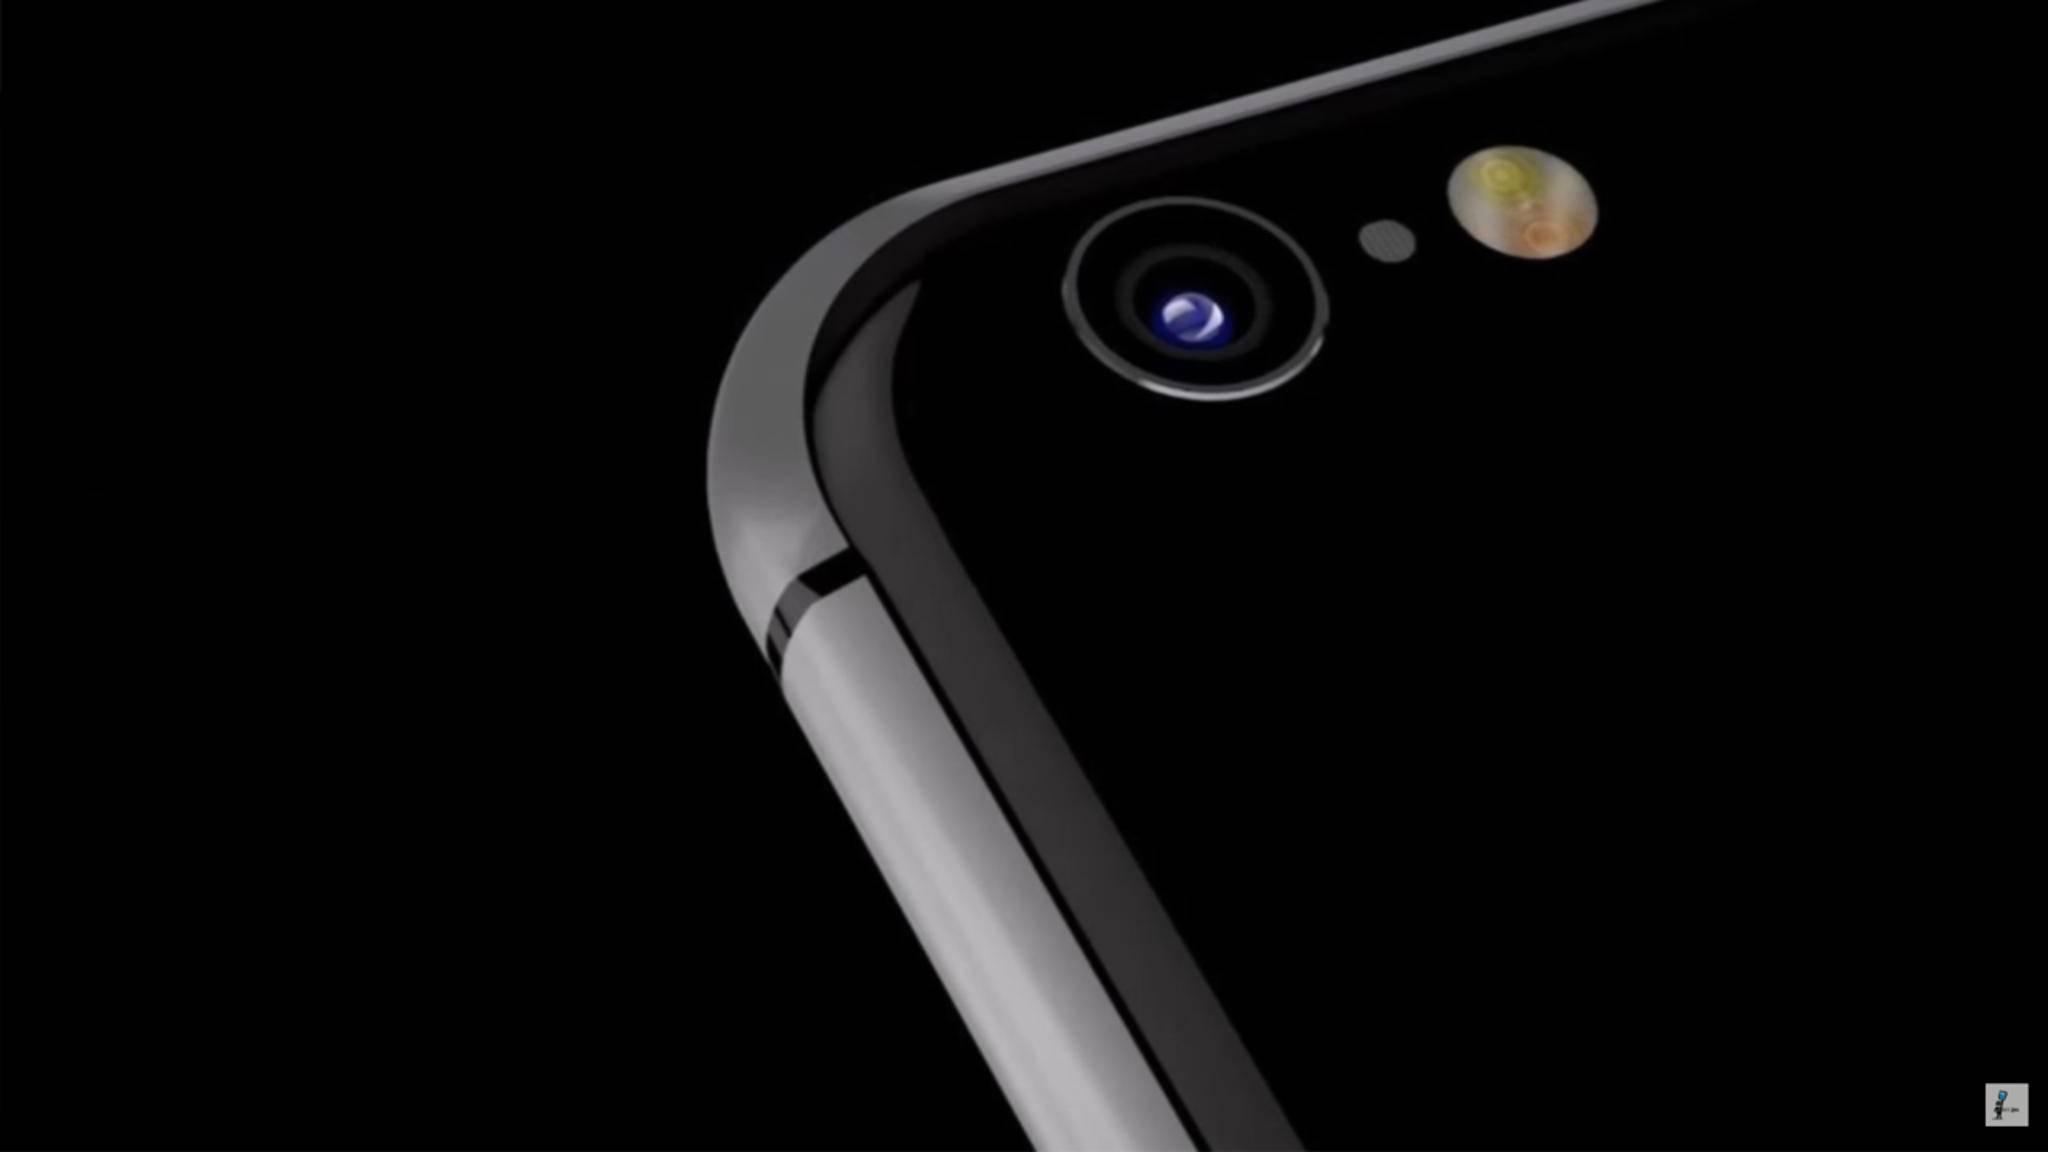 Das kleinste iPhone 8 soll wieder nur eine normale Kamera haben.